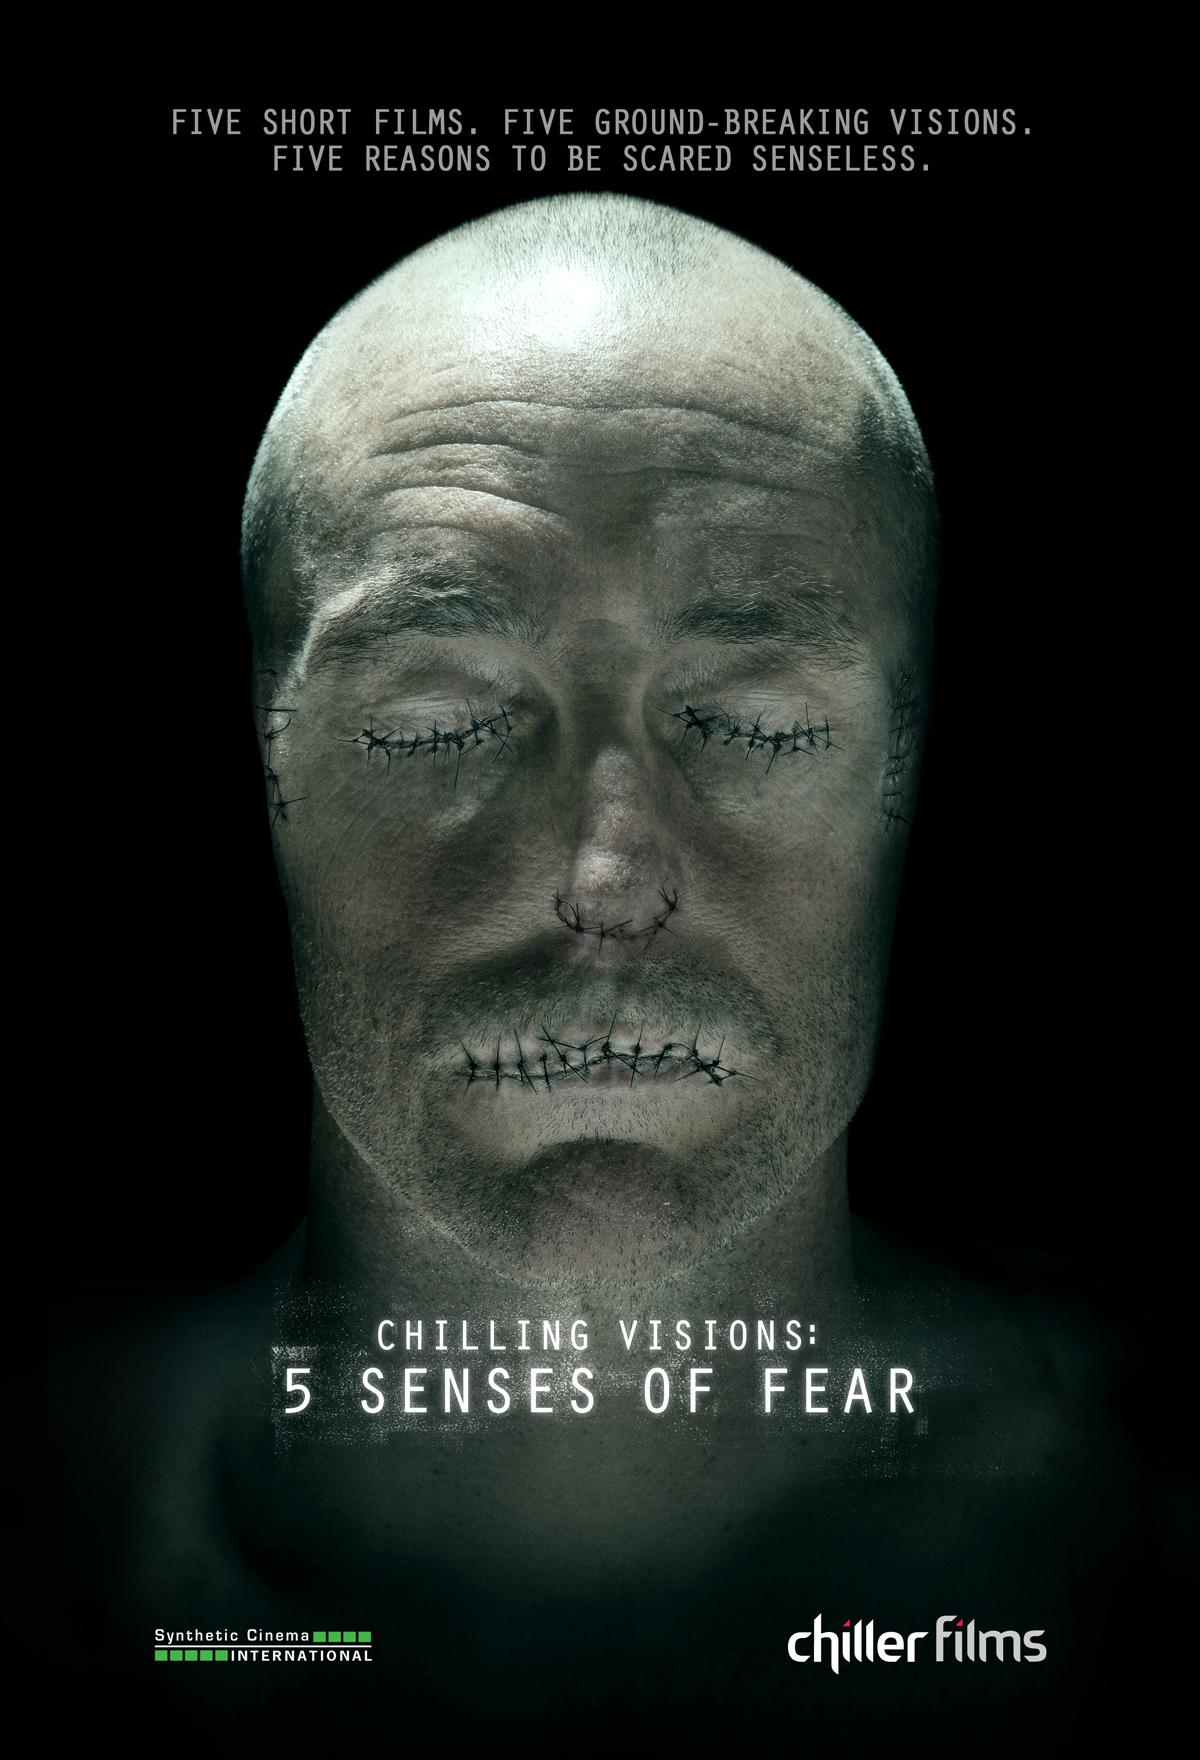 5-senses-of-fear